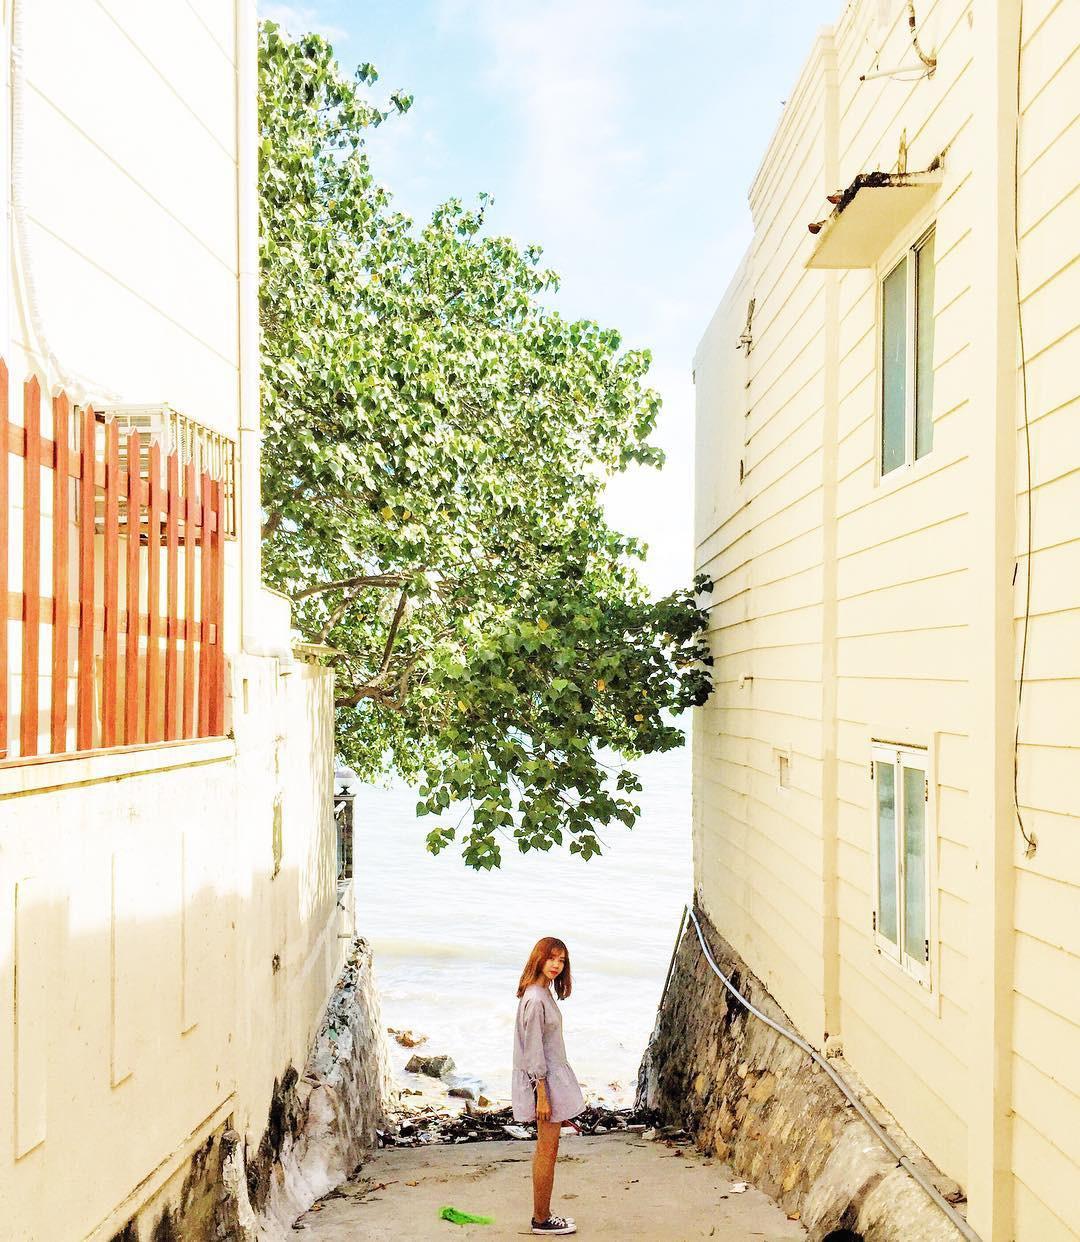 Con hẻm sống ảo tại Vũng Tàu đang là địa điểm được giới trẻ check-in rần rần trên Instagram - Ảnh 5.